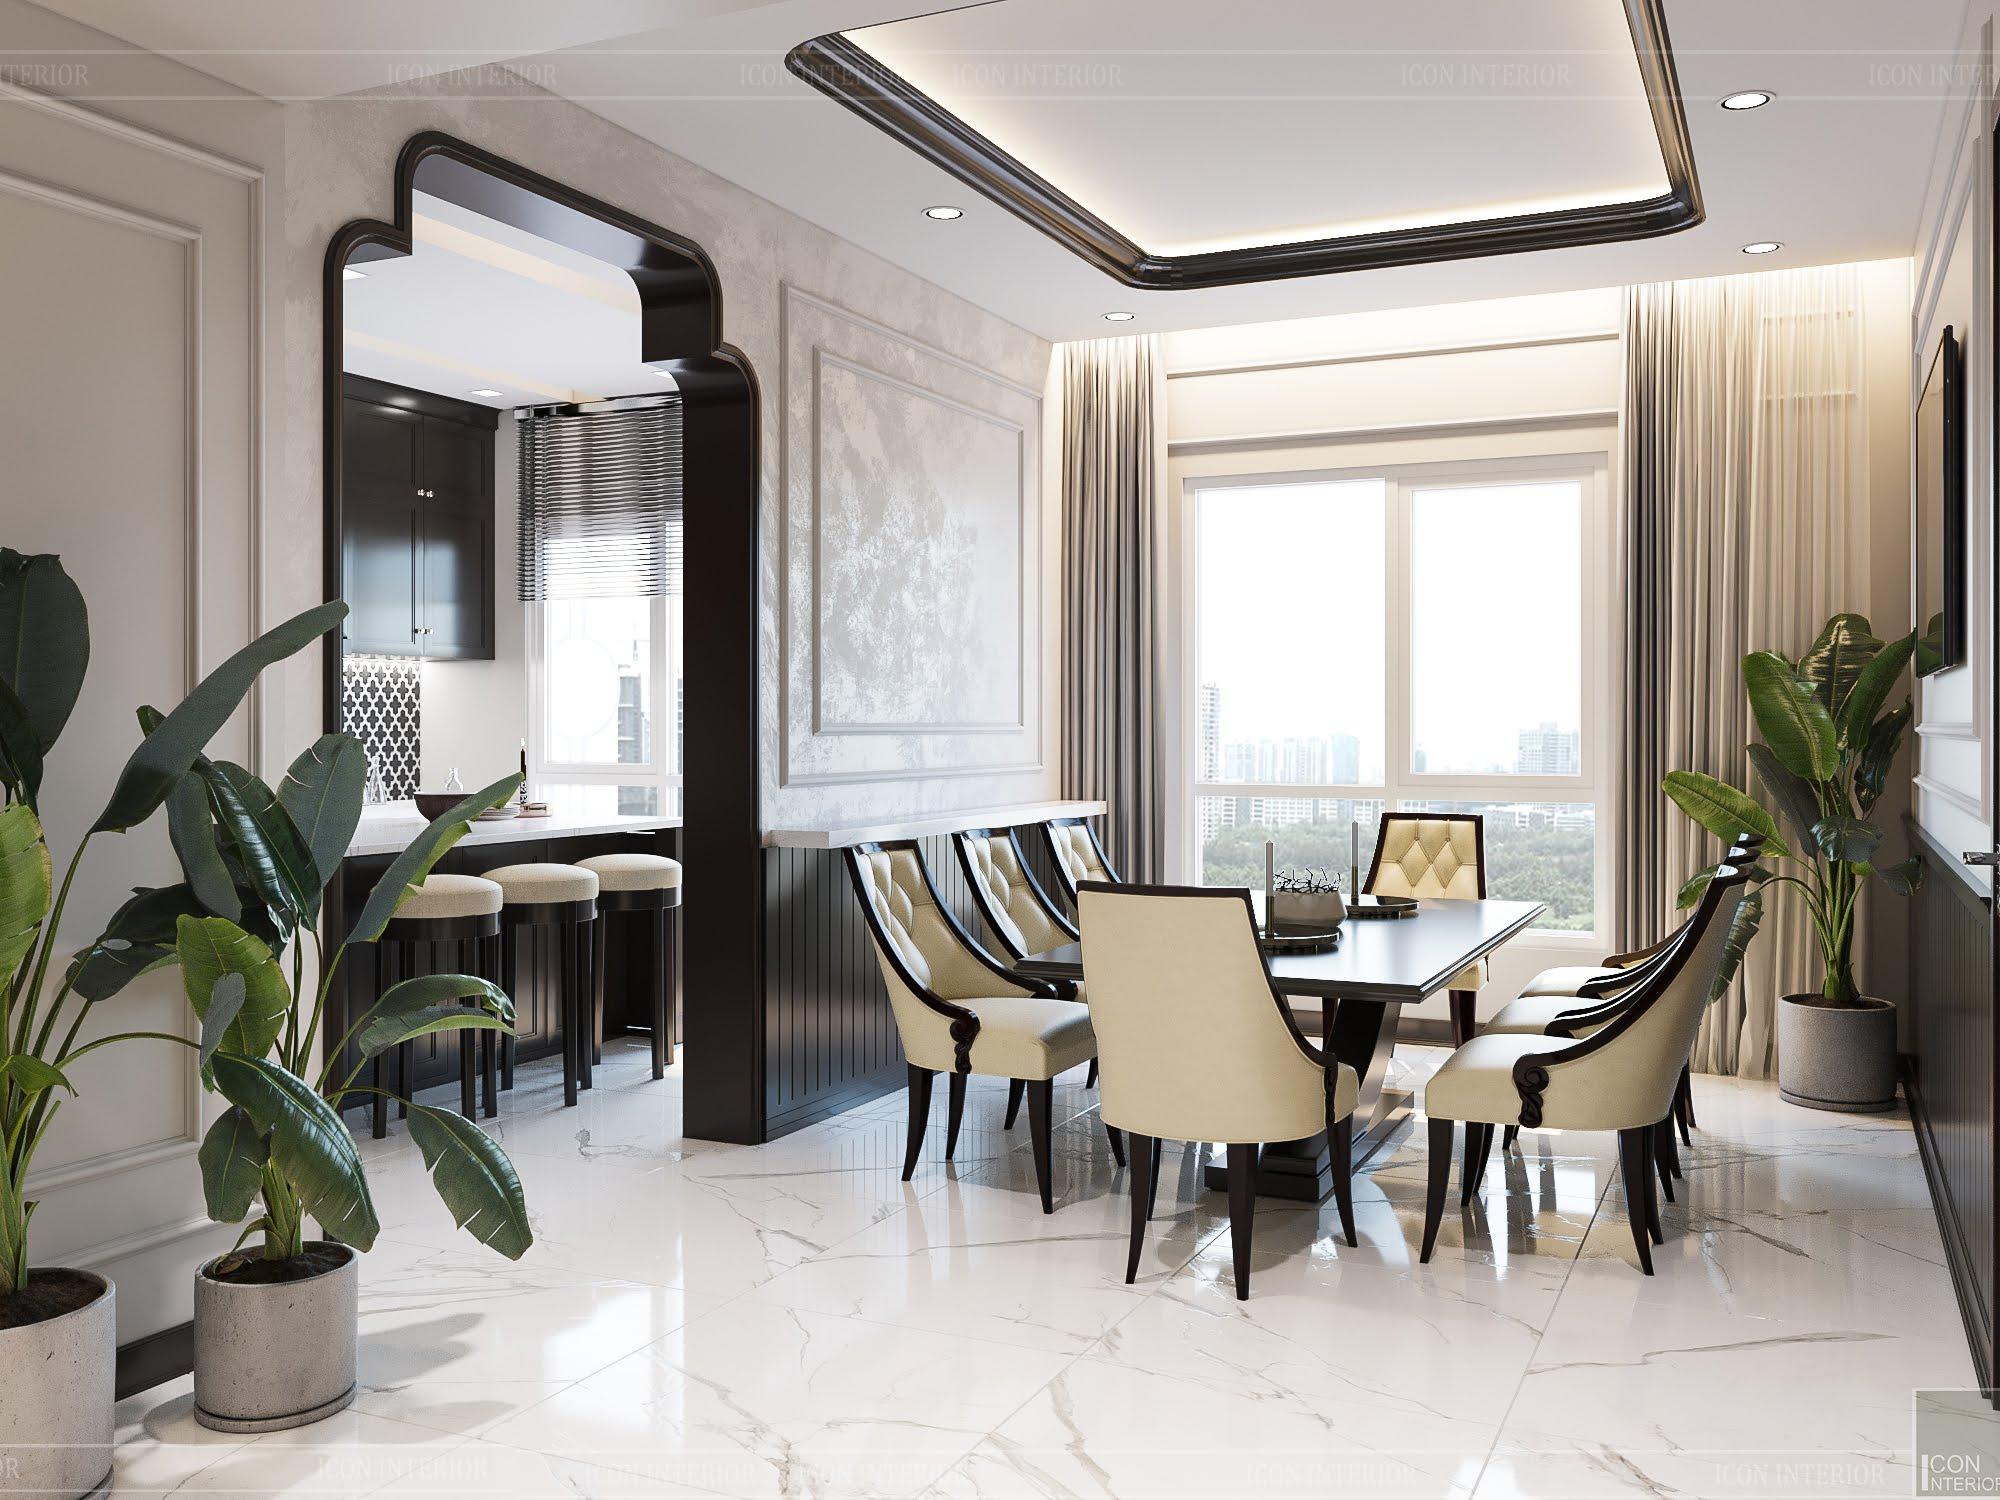 thiết kế căn hộ đập thông - phòng ăn